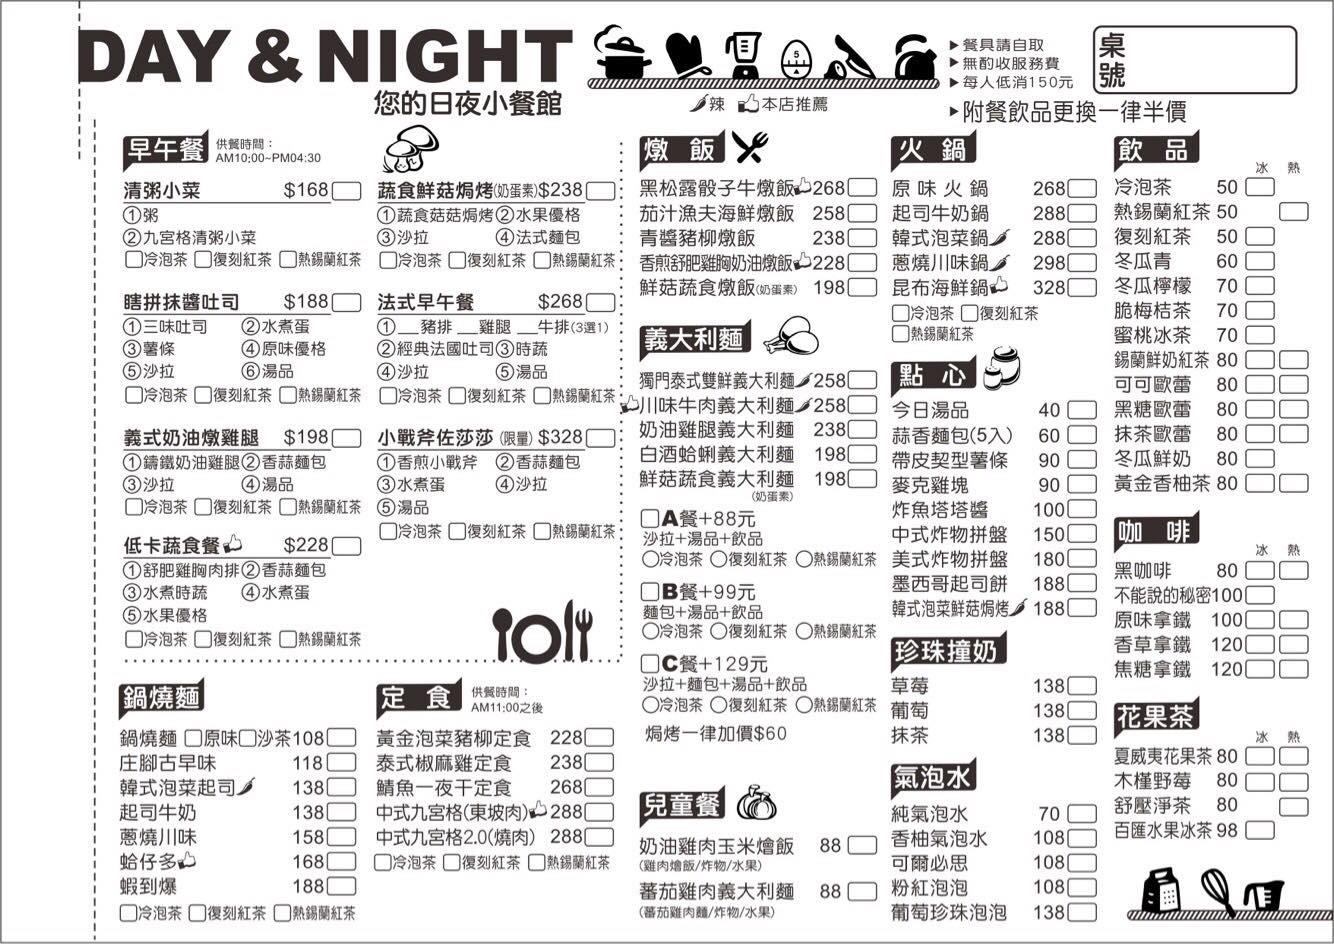 [高雄早午餐推薦]Day&Night您的日夜小餐館-九宮格早餐晚餐好澎湃!趣味IG打卡牆 @美食好芃友